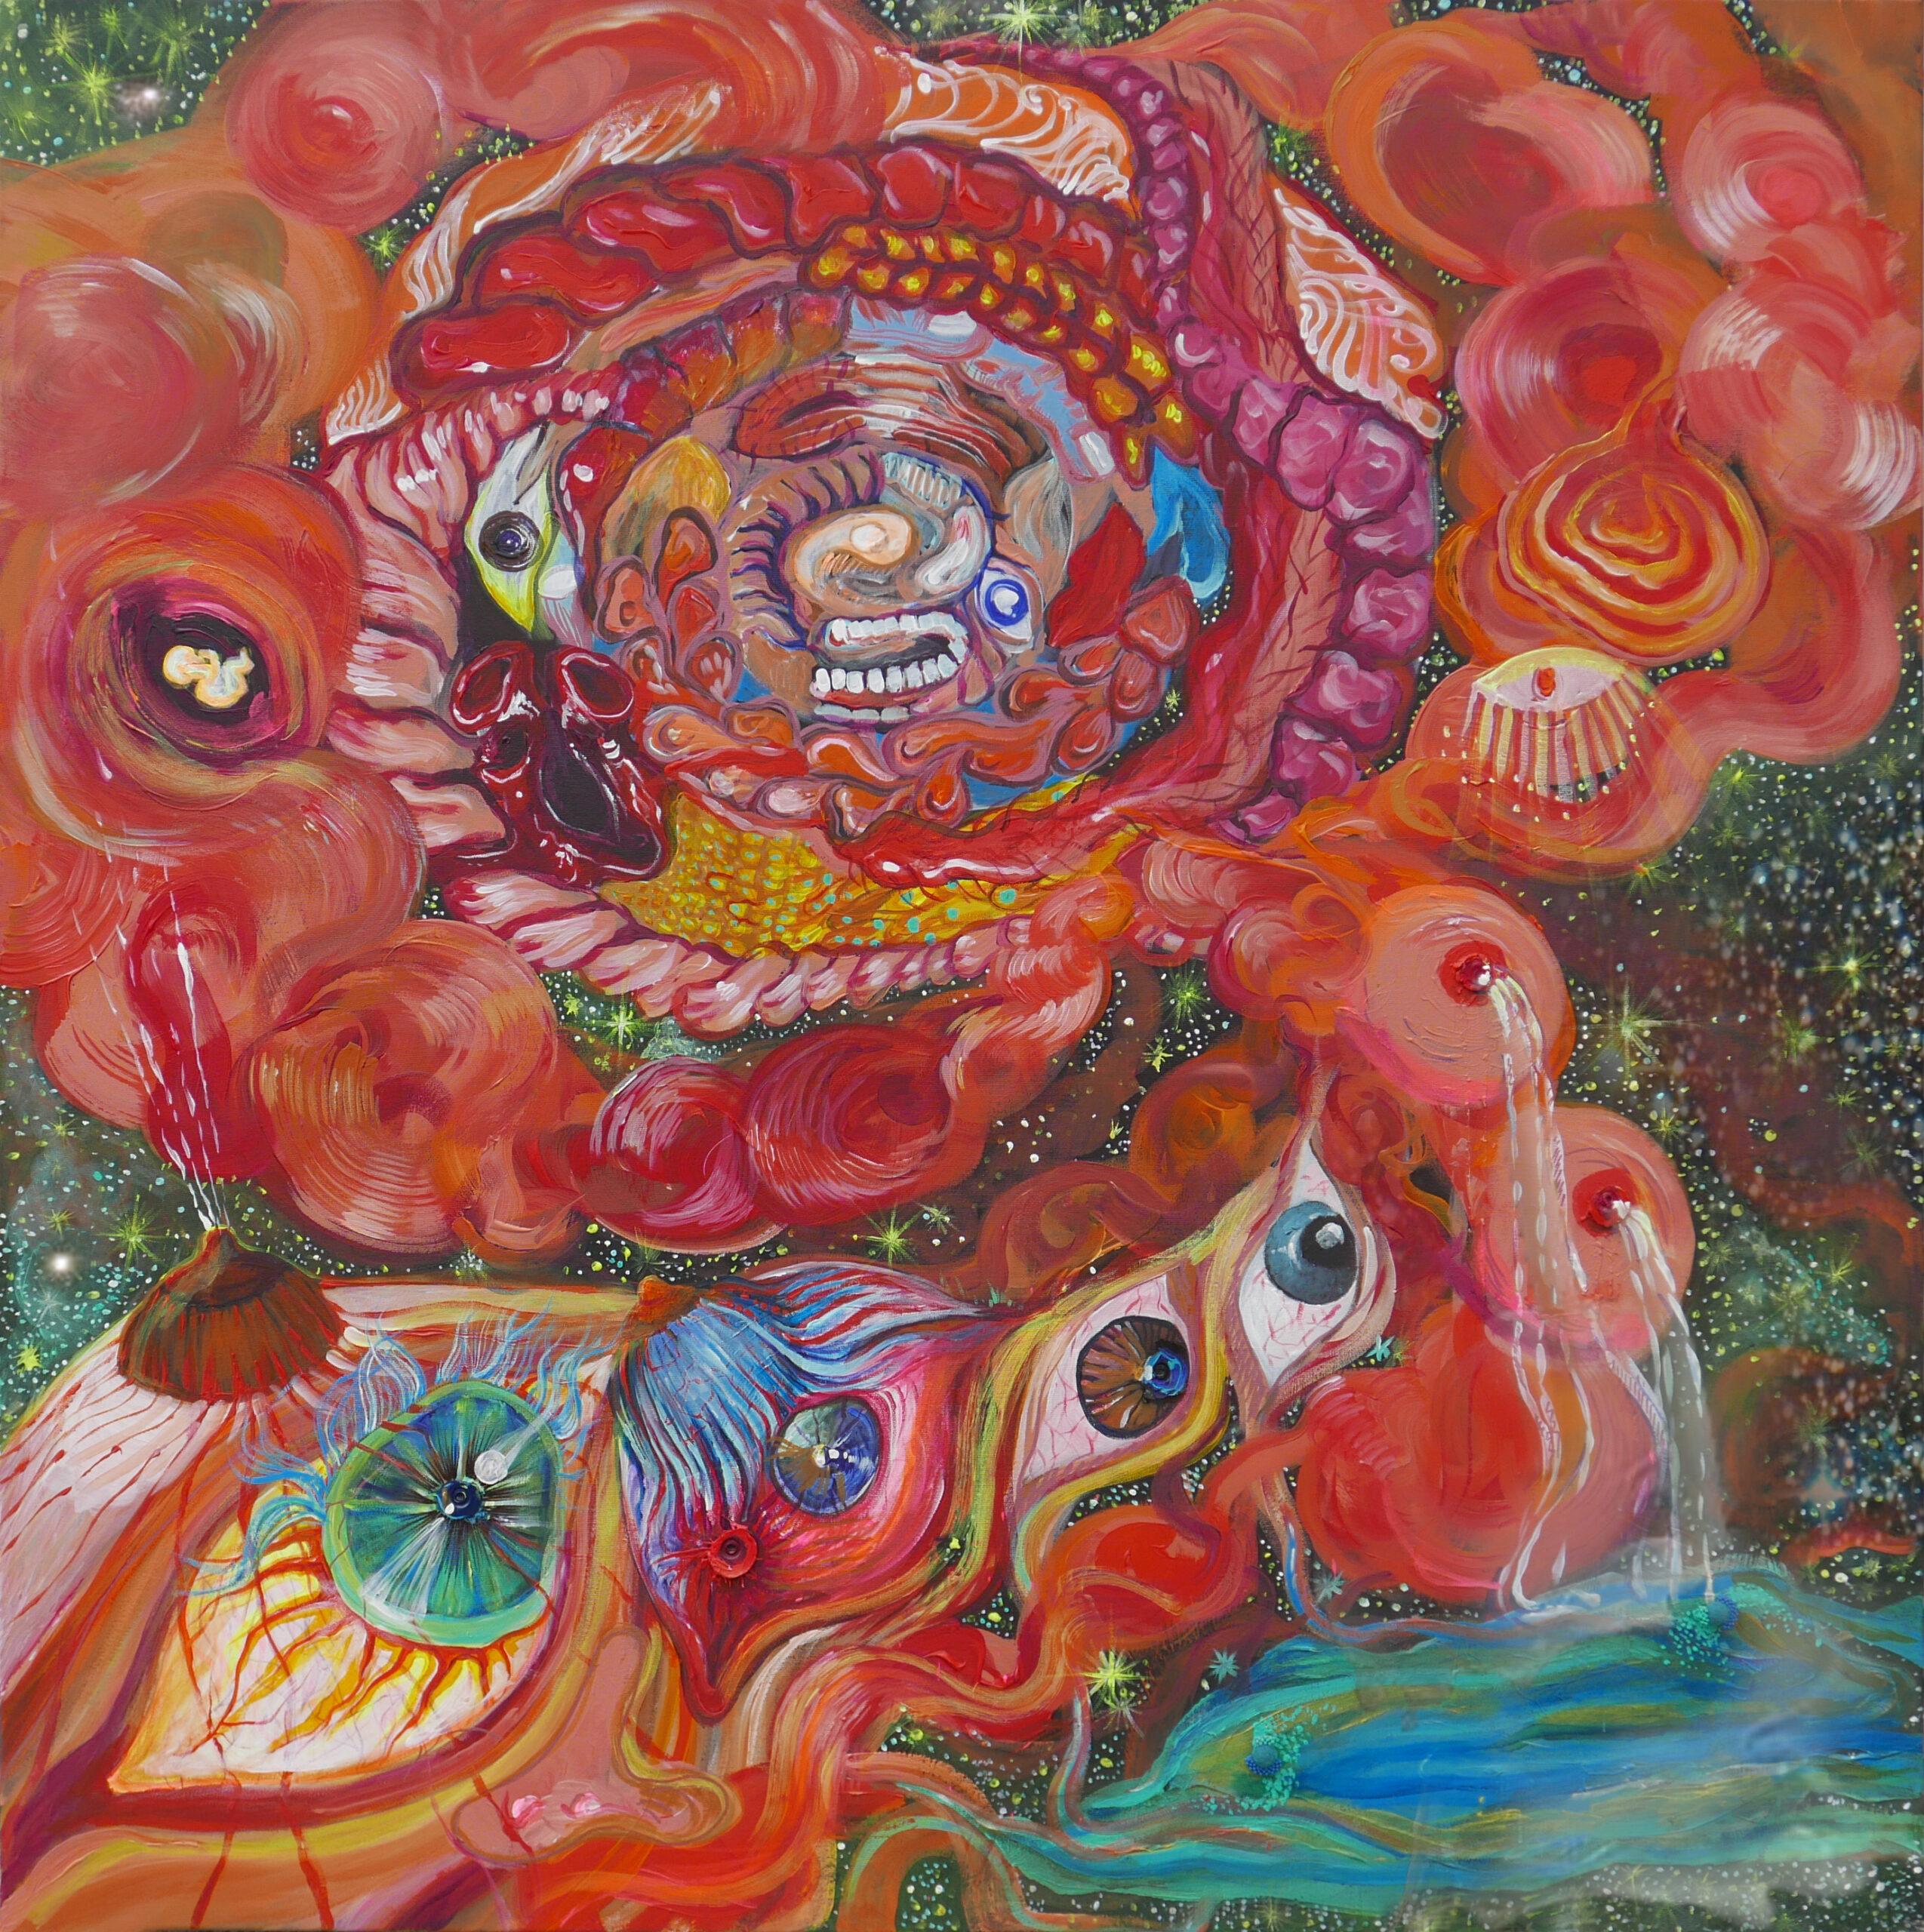 Godmother, 120/ 120 cm, acrylic on canvas, 2021